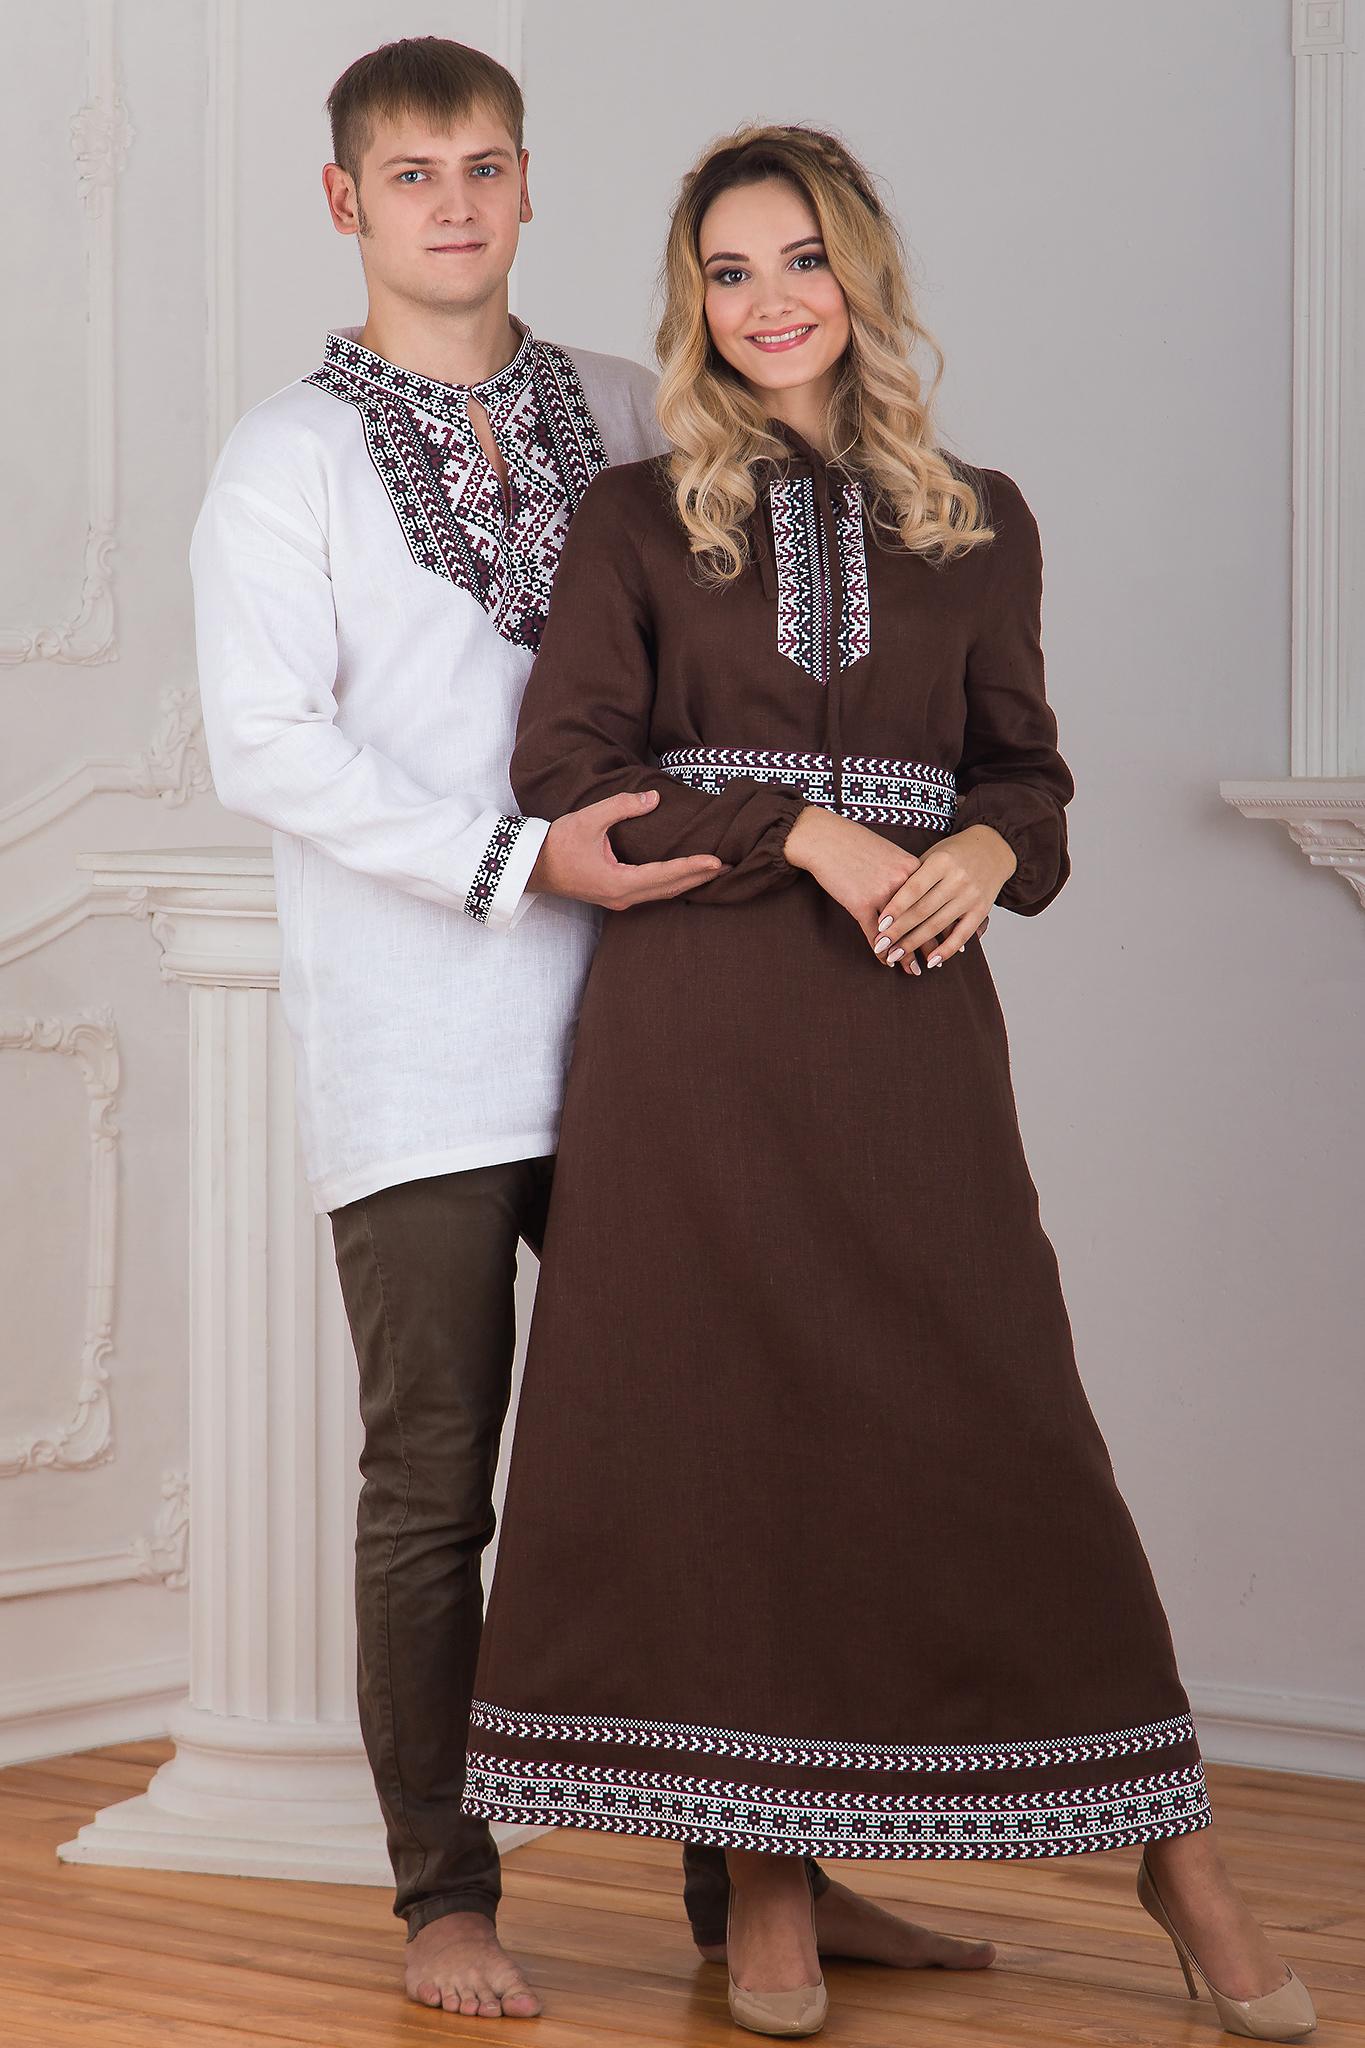 Славянская боевая рубаха с платьем Новгородское